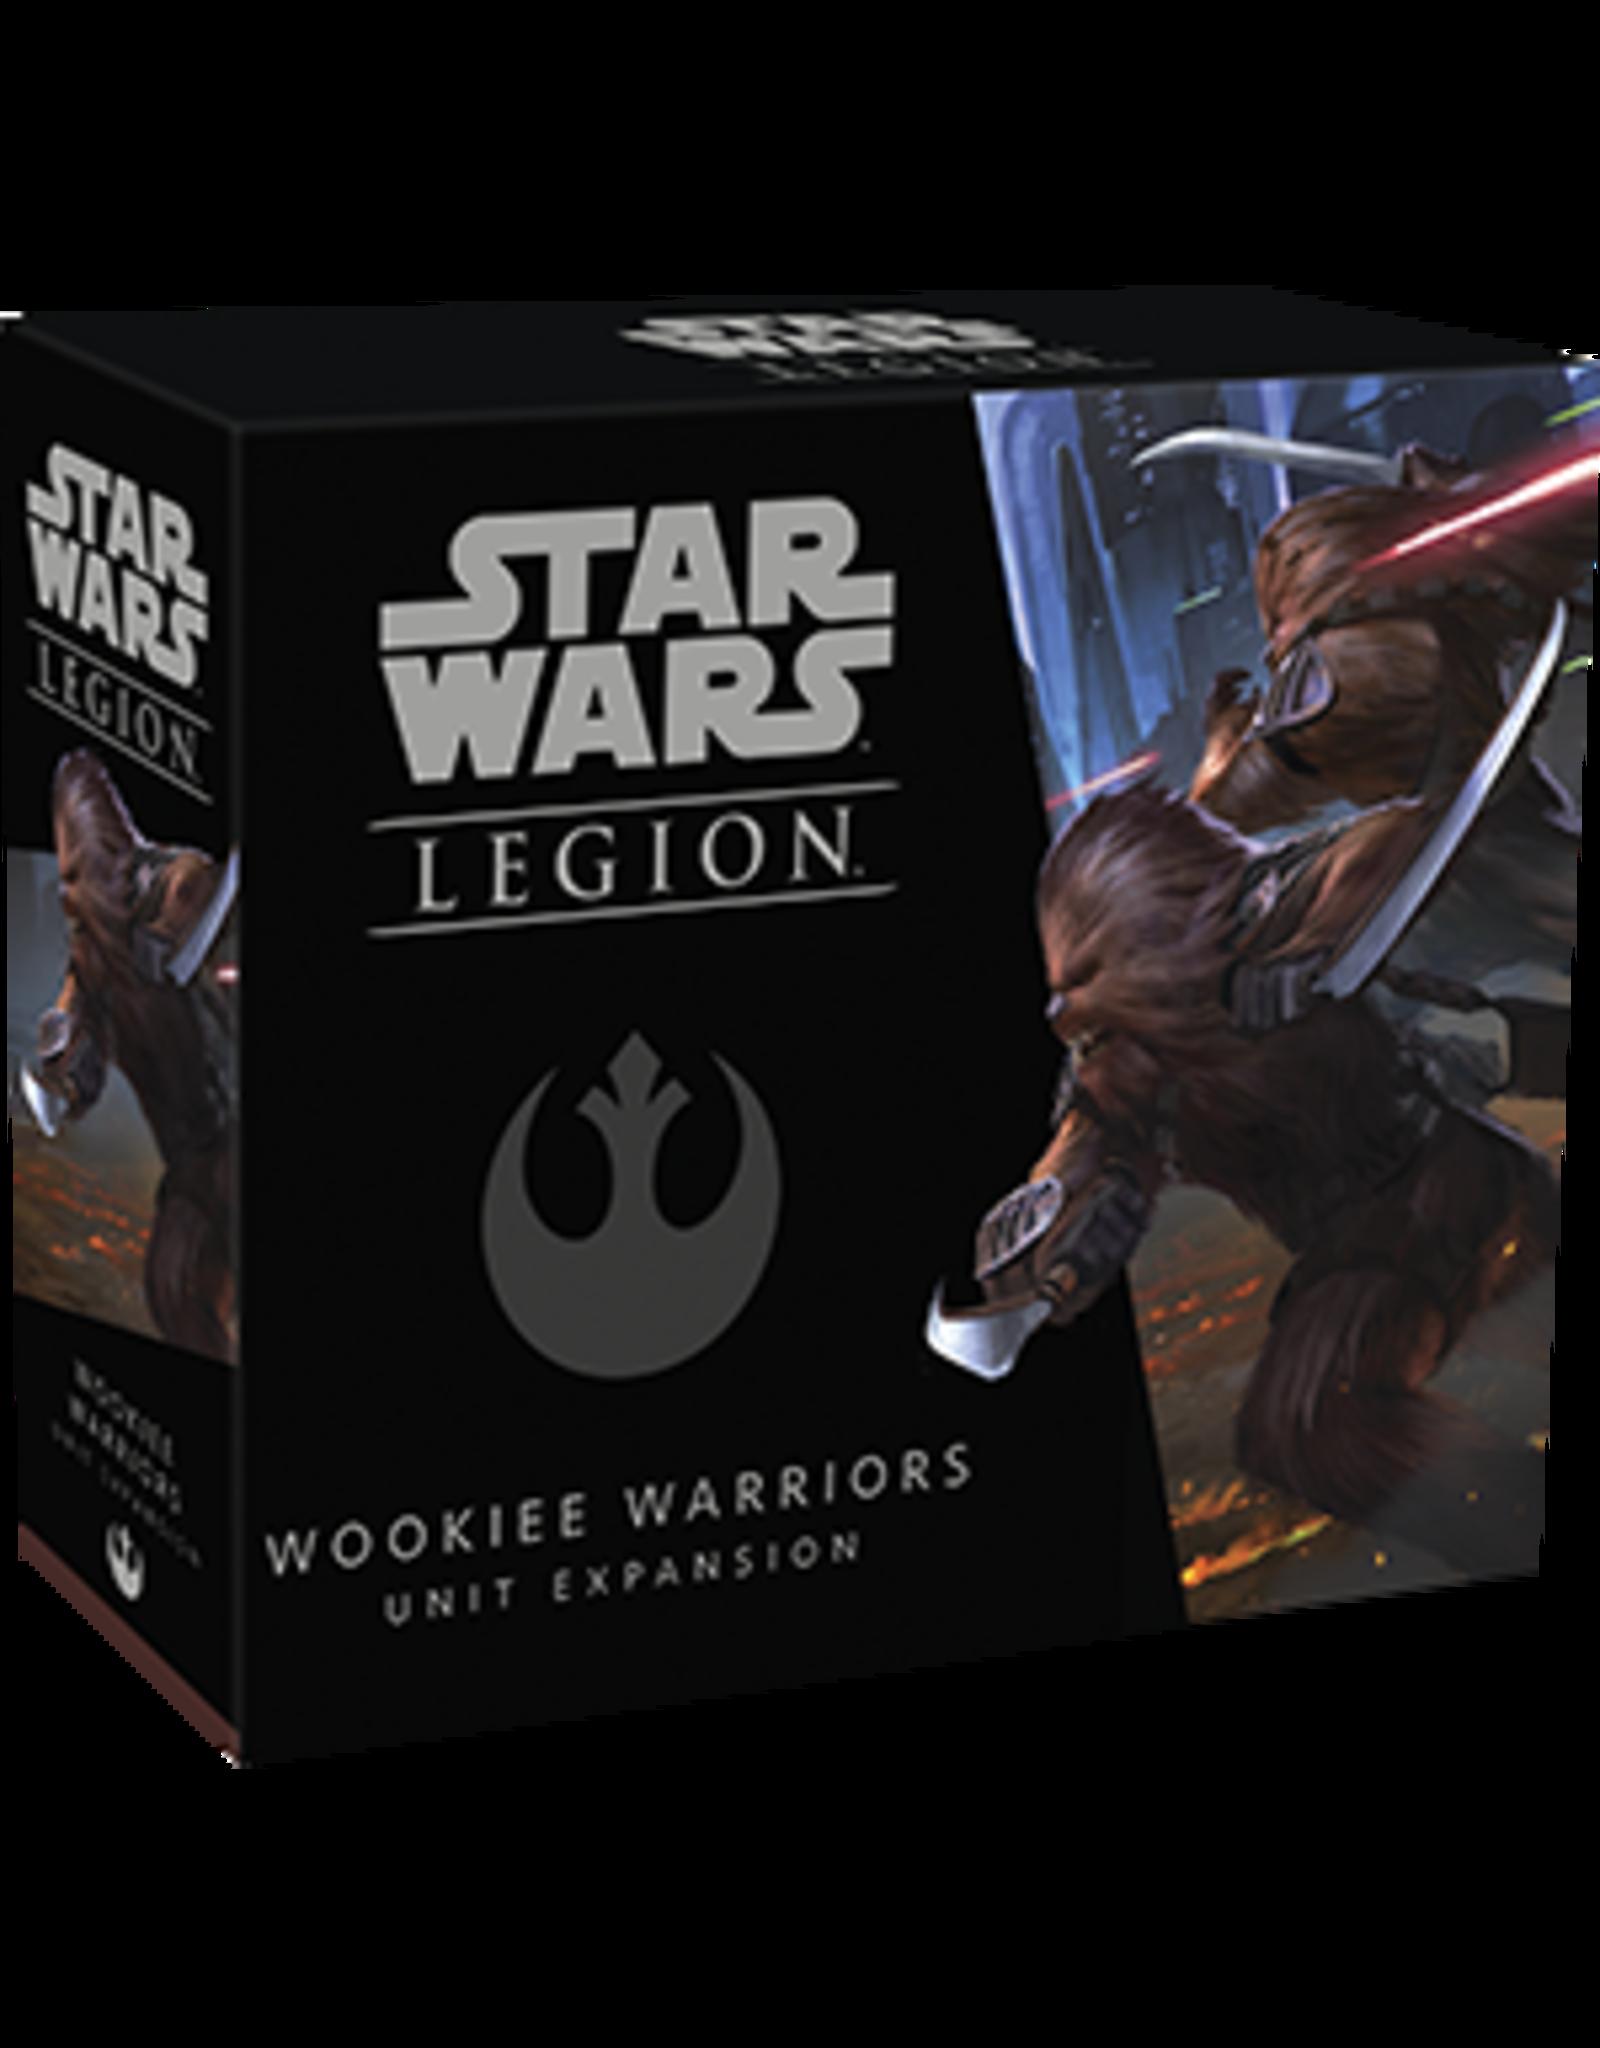 Star Wars: Legion - Wookie Warriors Unit Expansion